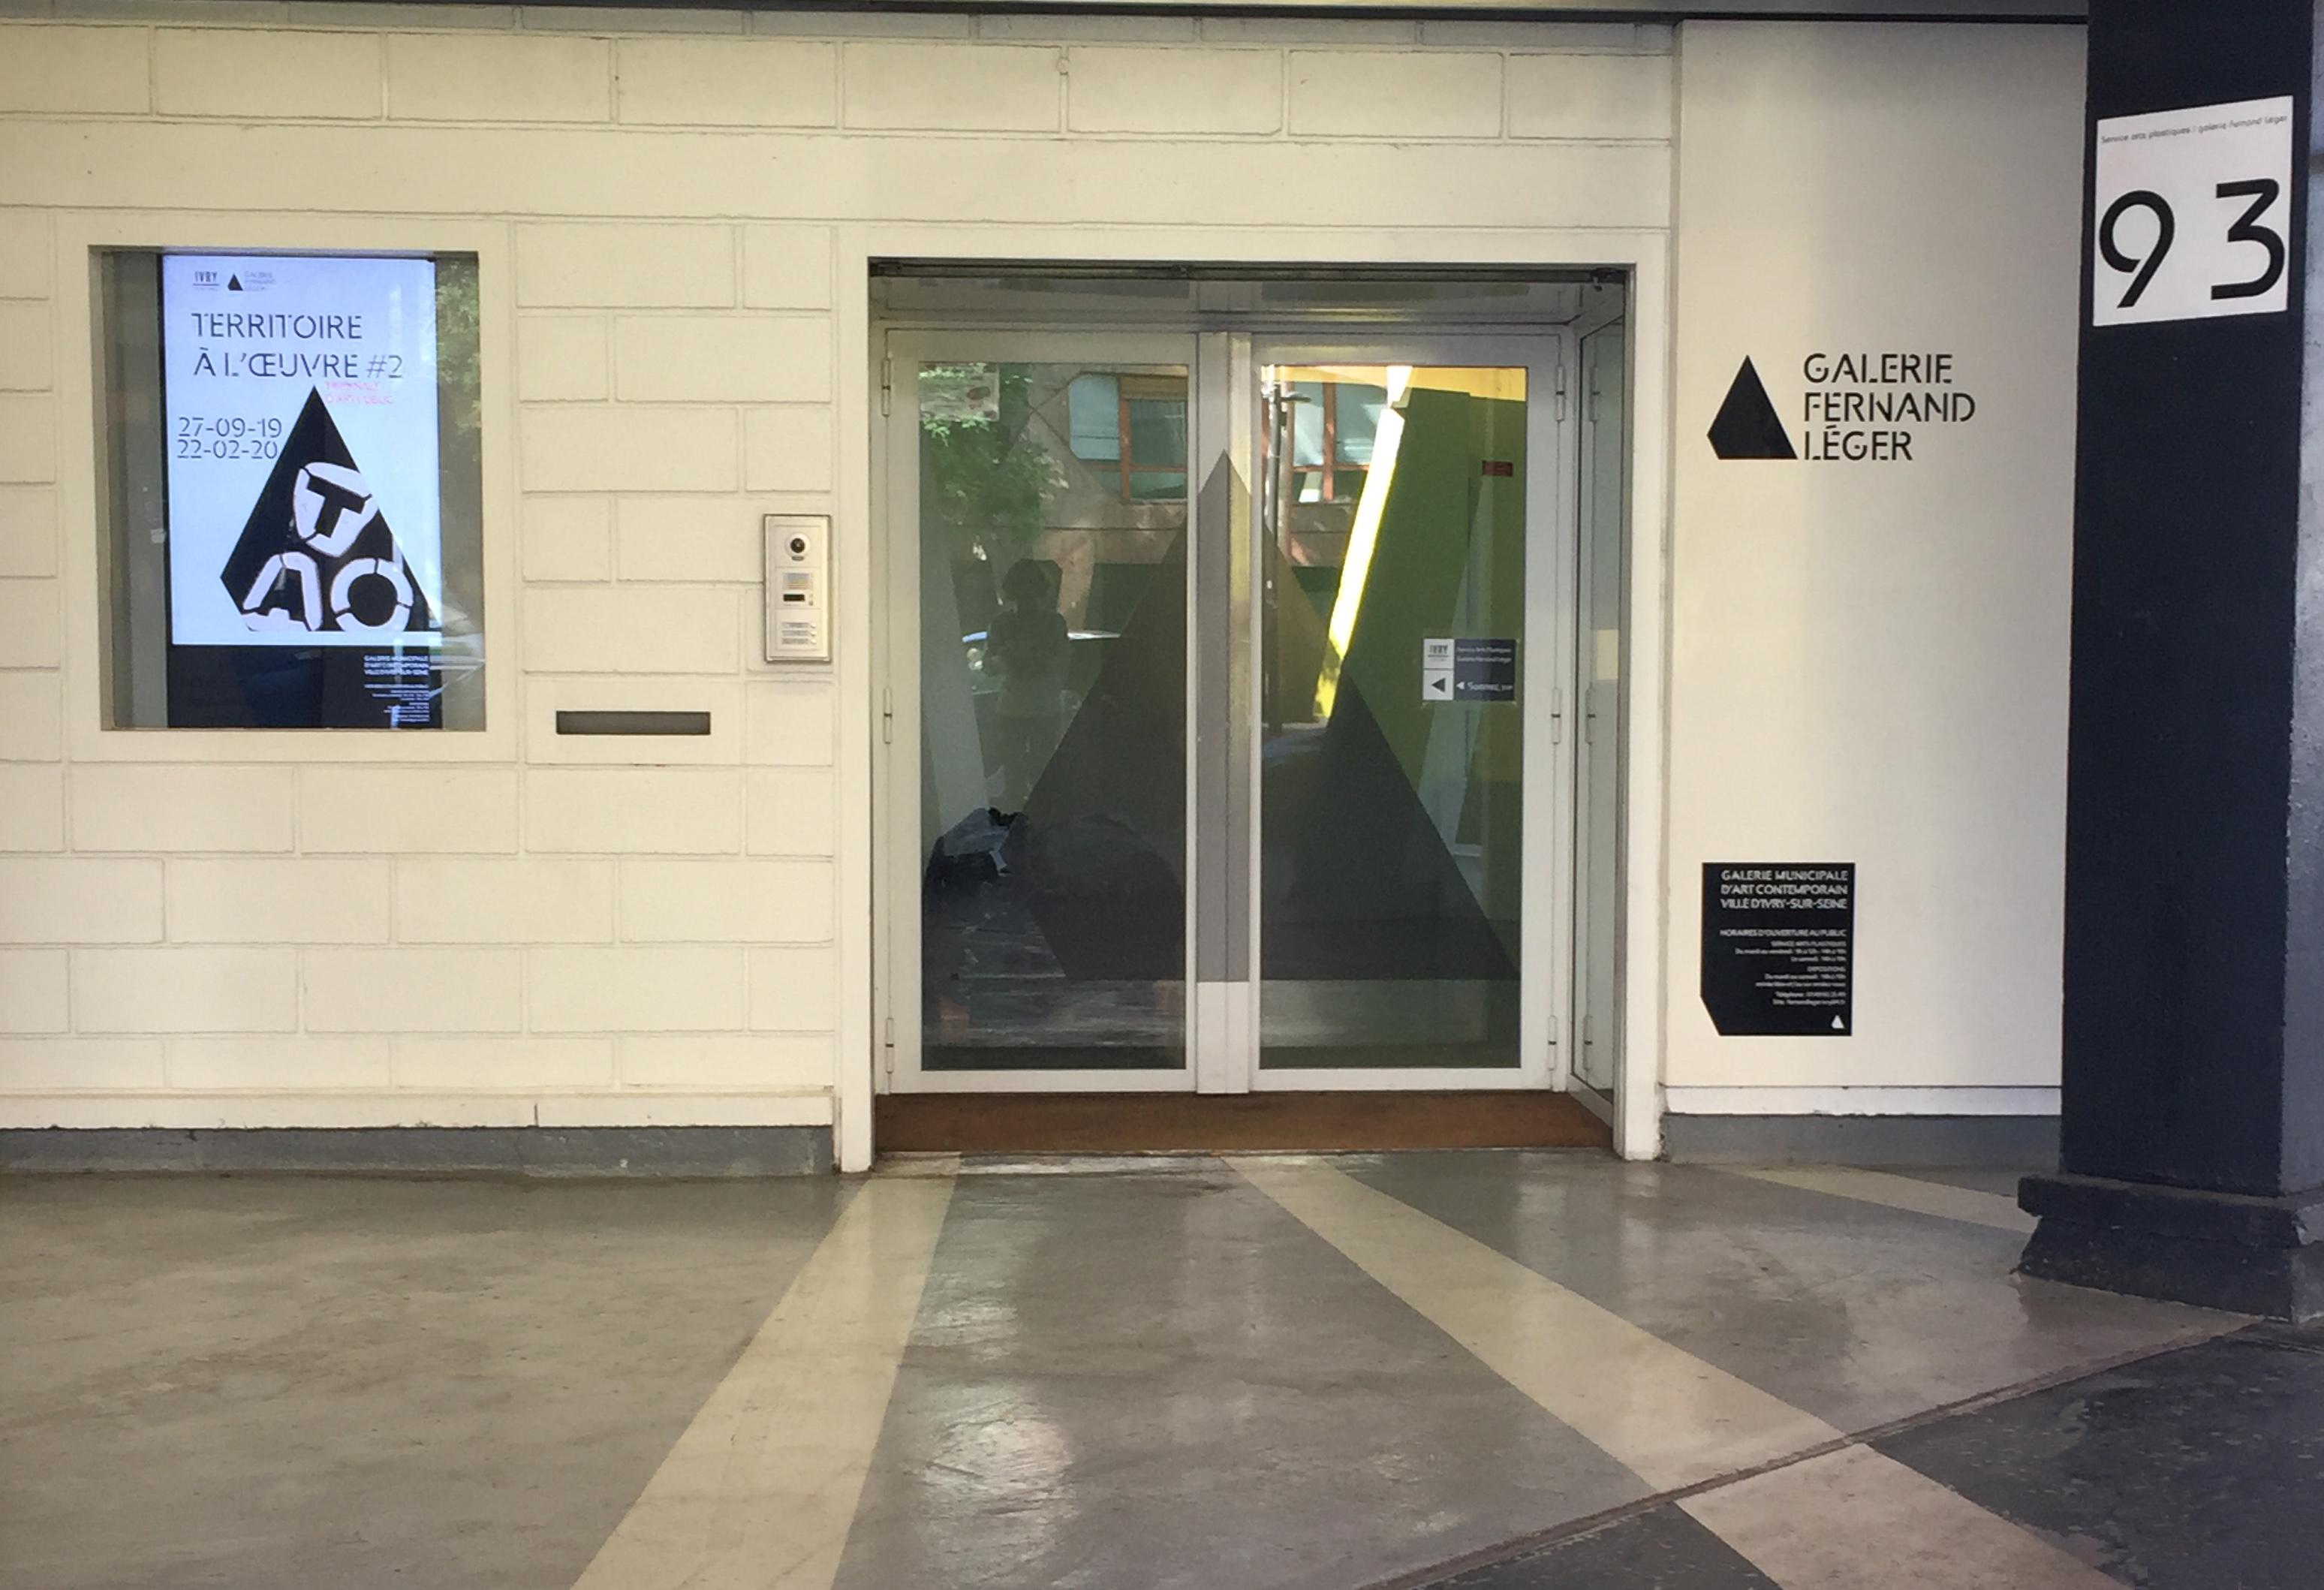 École d'arts plastiques d'Ivry-sur-Seine